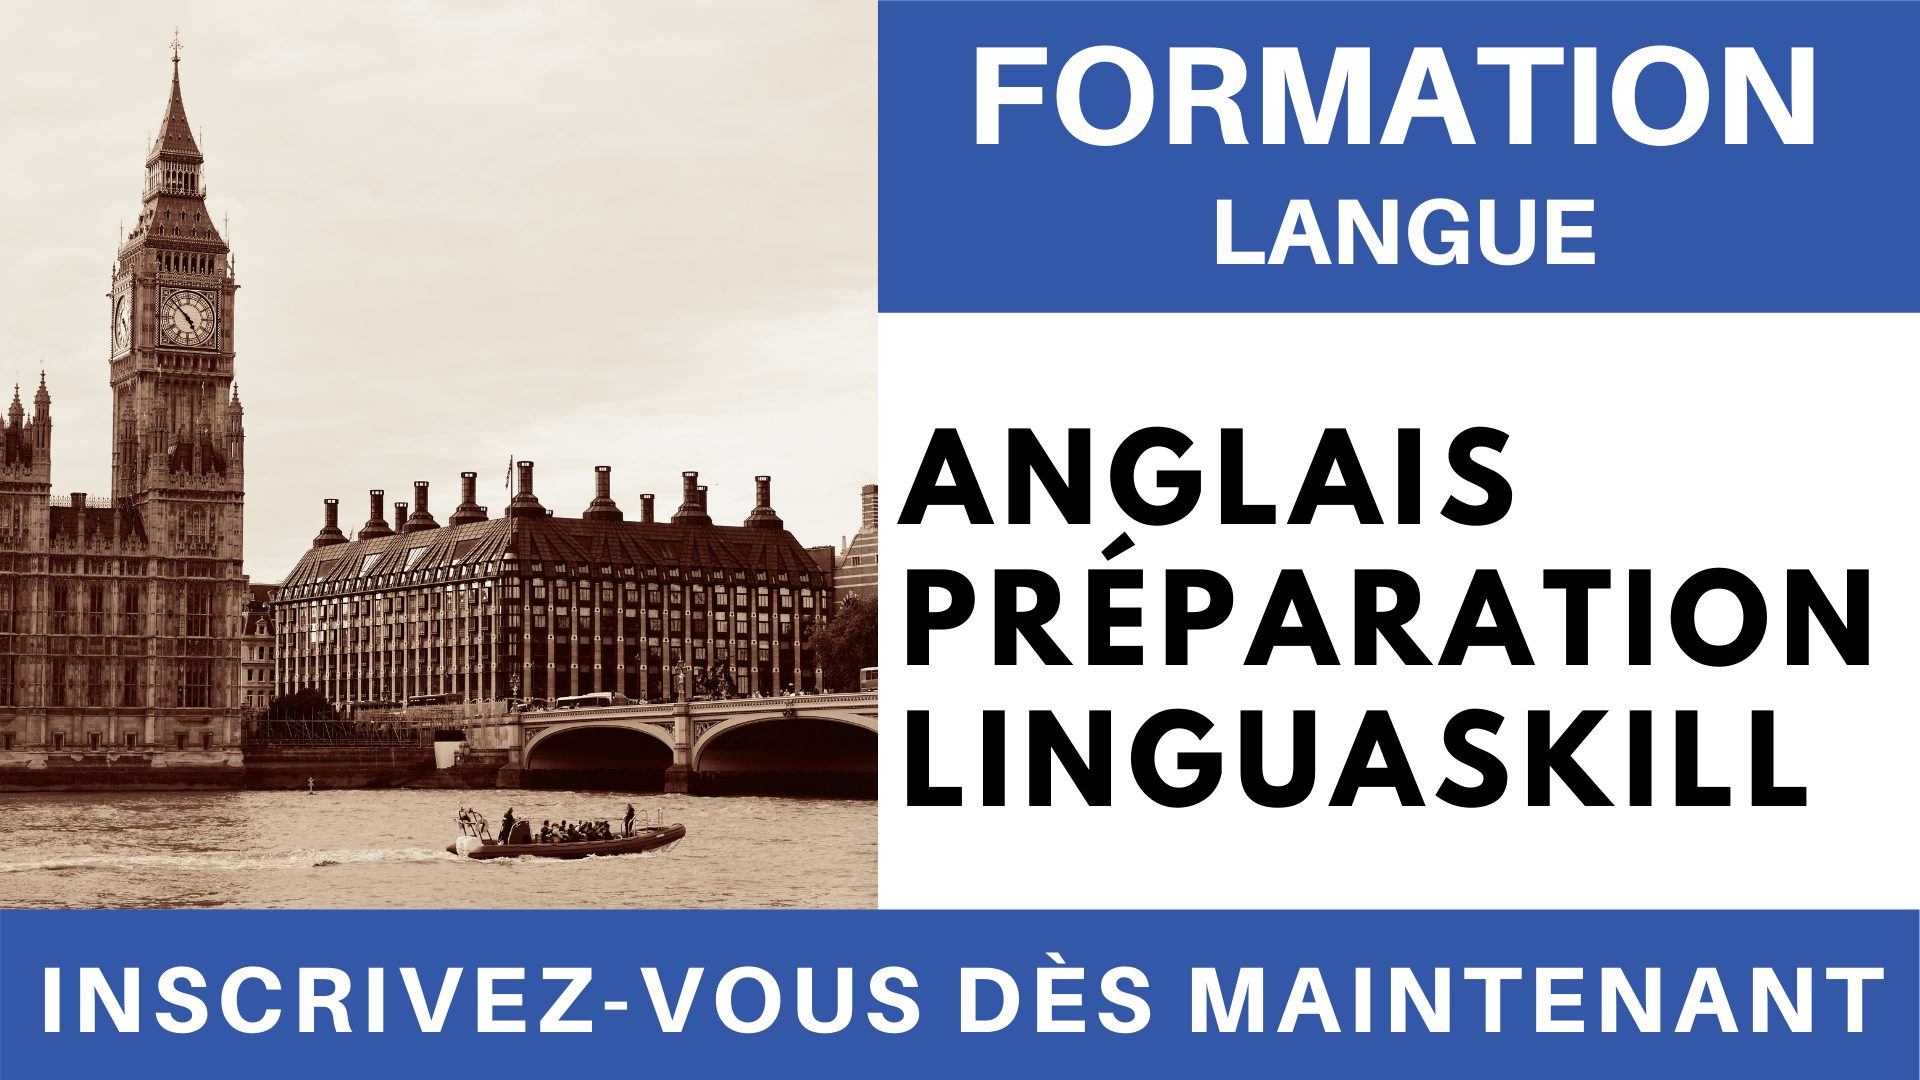 Formation Langue - Anglais Préparation linguaskill Général Expression Orale